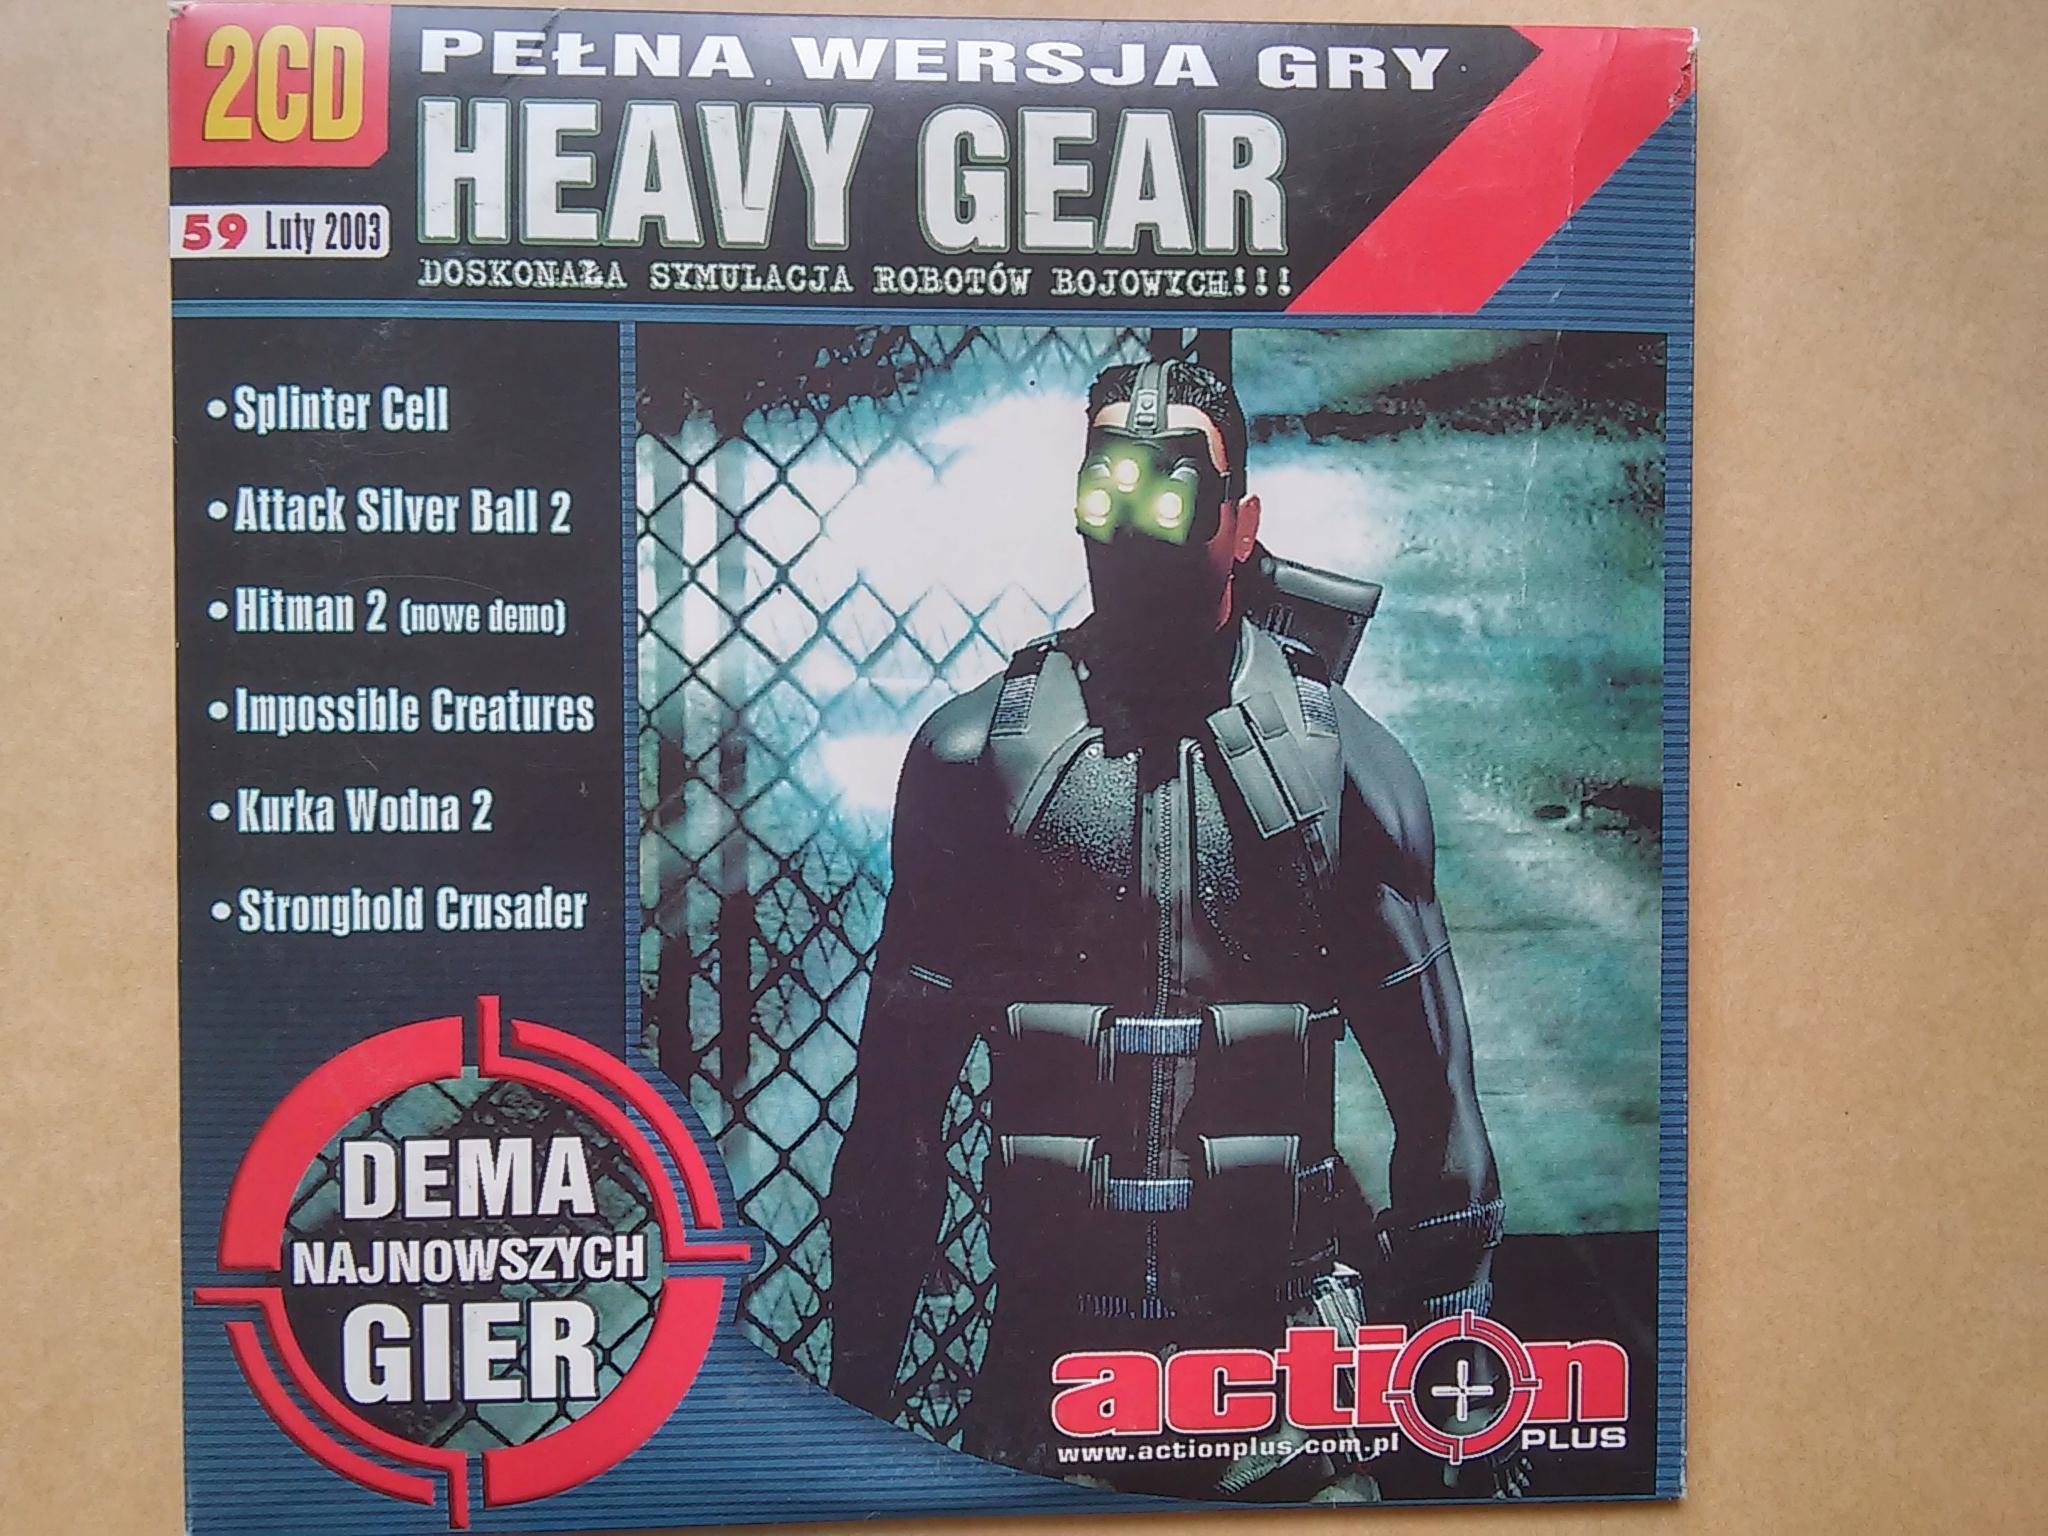 Heavy Gear Action Plus Luty 2003